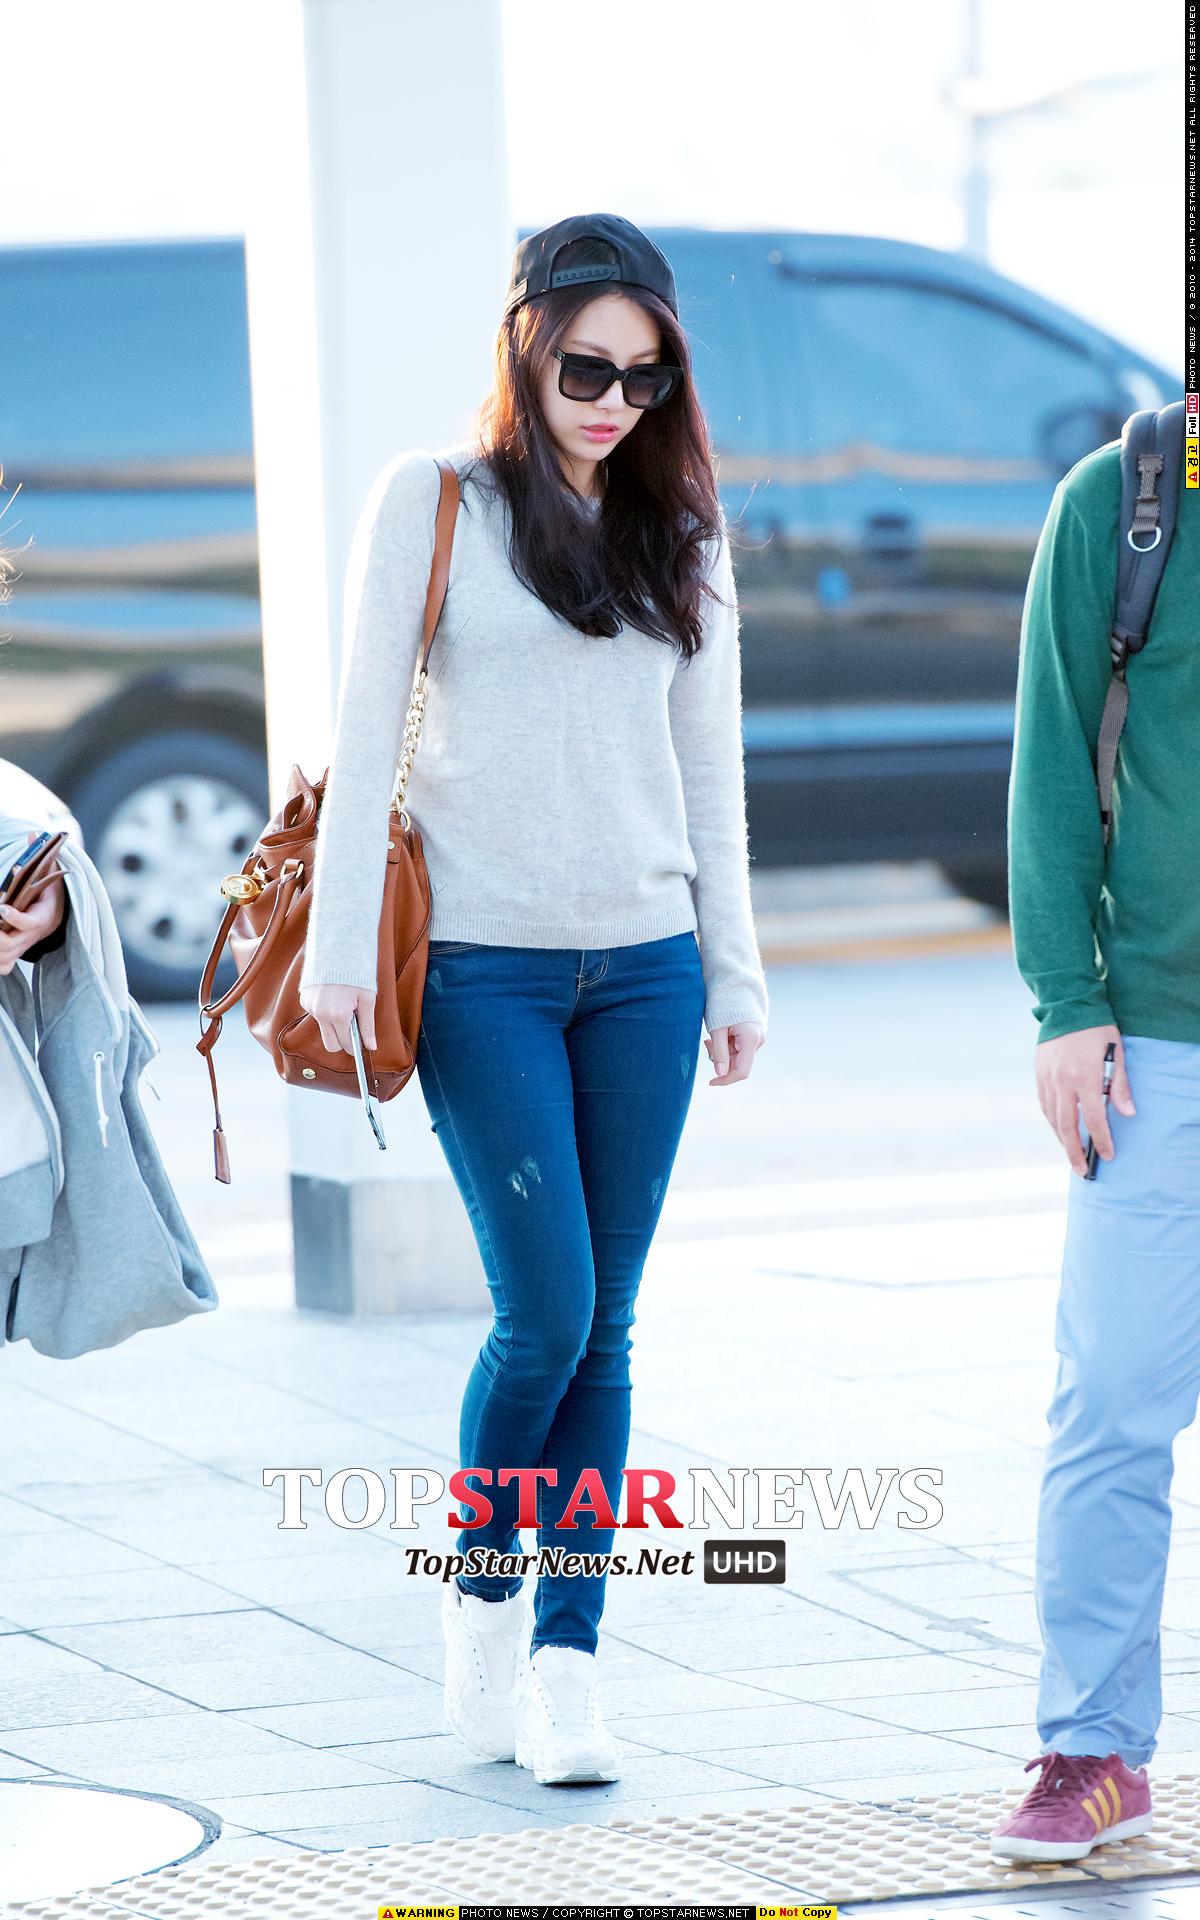 超簡單的緊身丹寧褲+針織衫+白運動鞋,Yura卻用反戴的棒球棒,展現出隨性的時尚風。